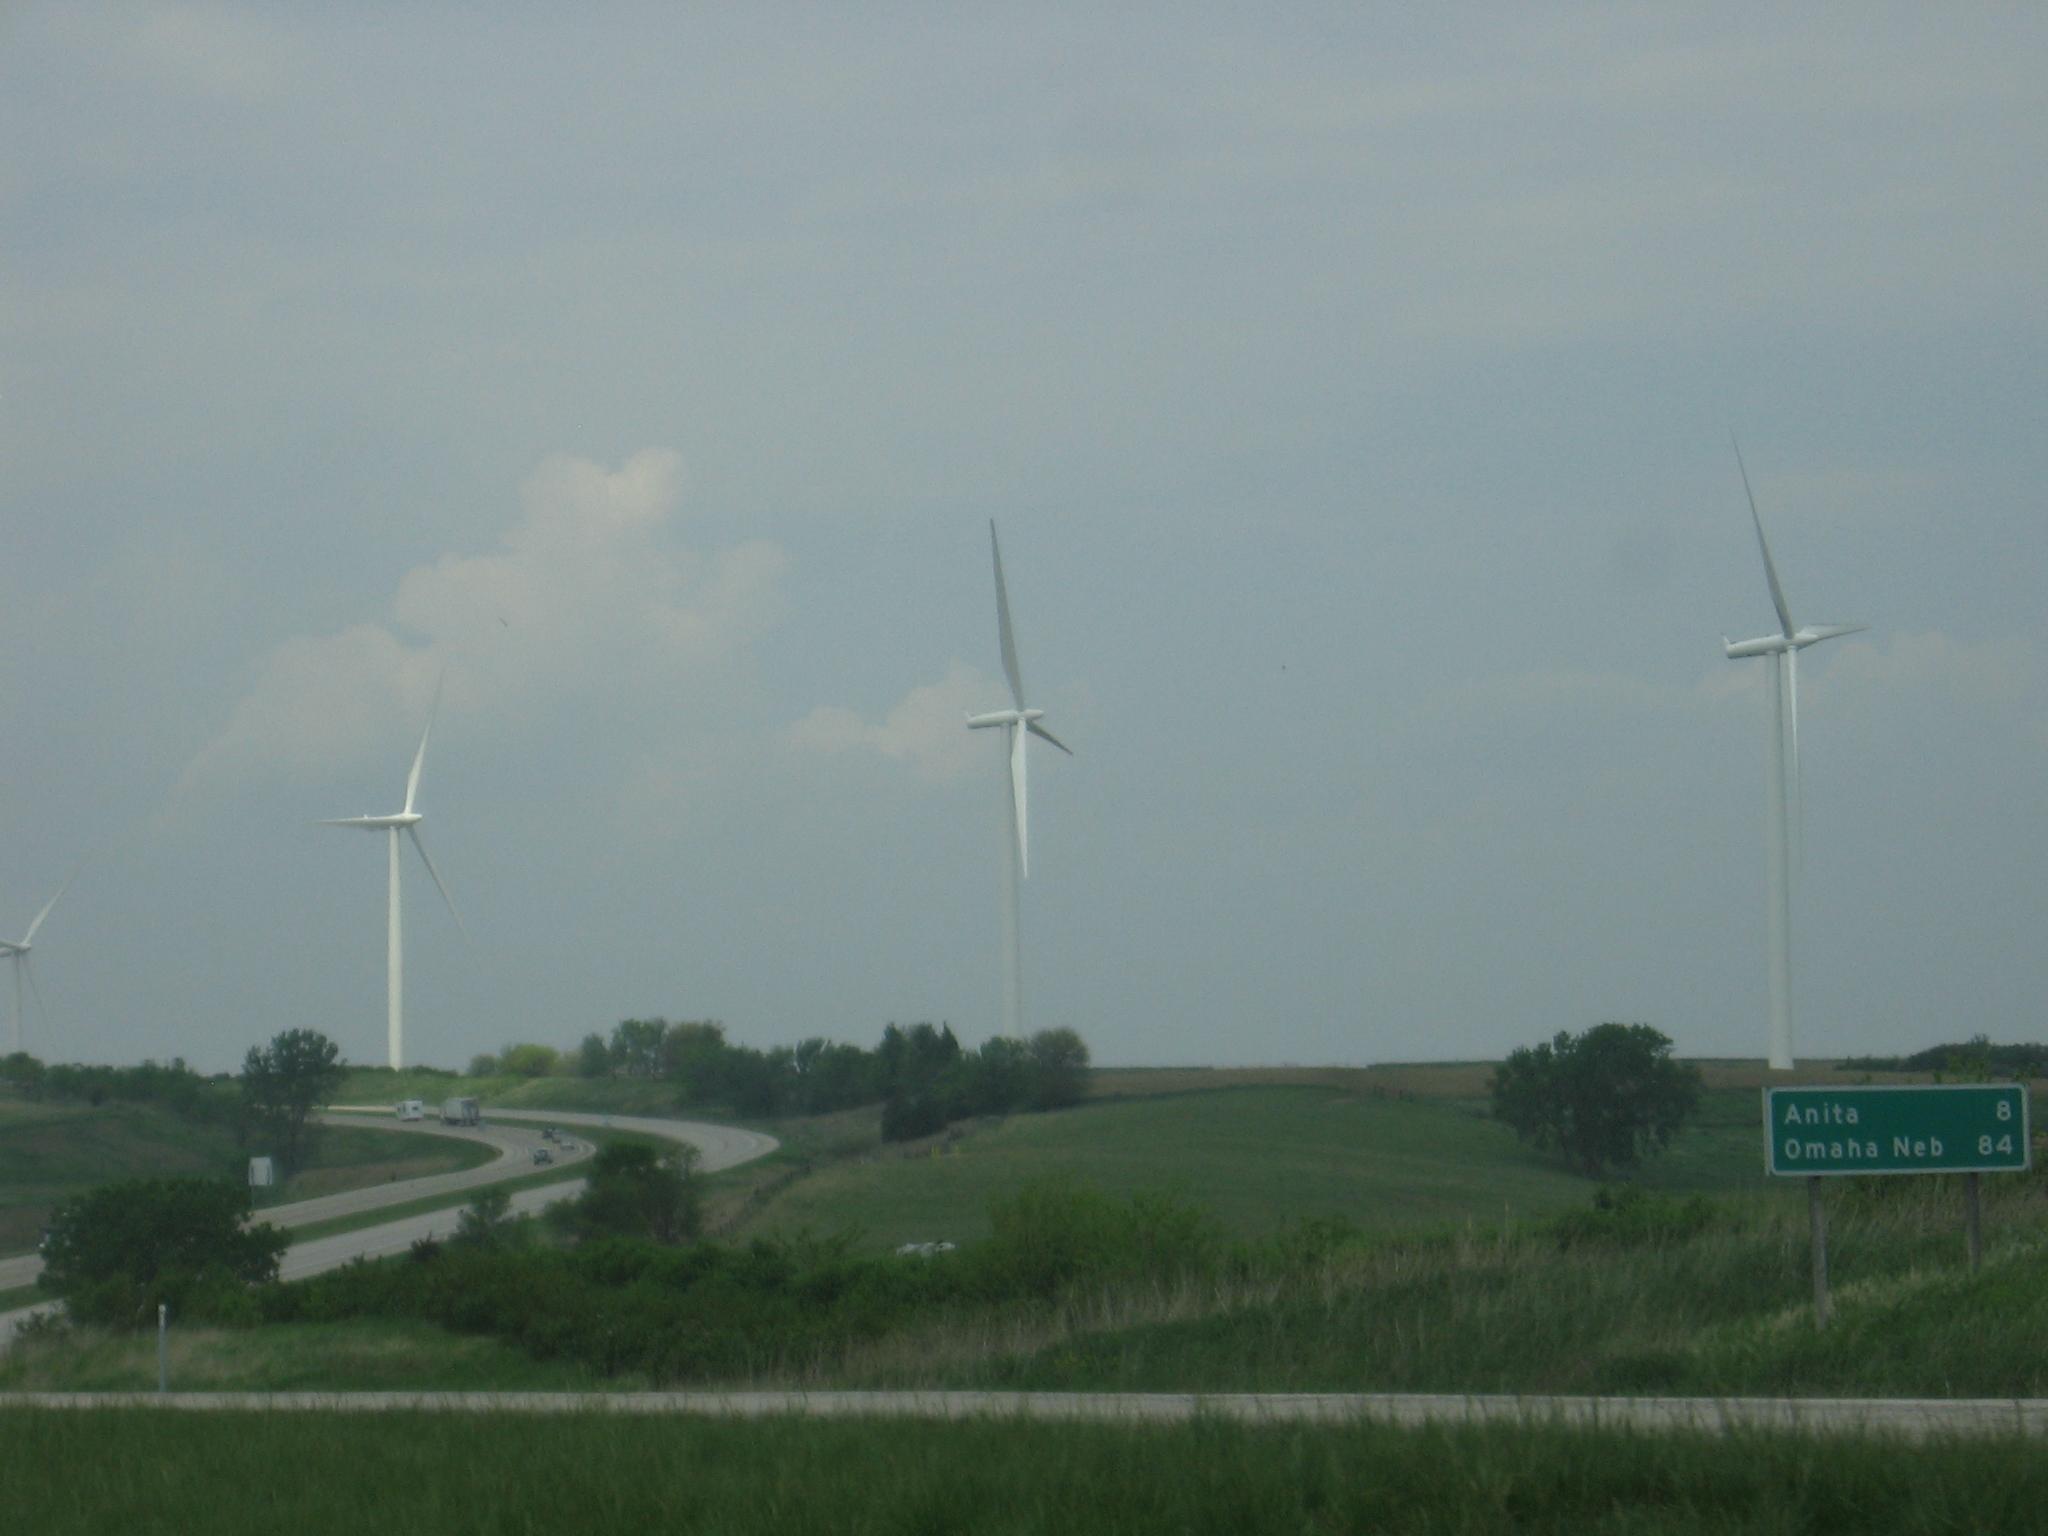 Nebraskan Windmills